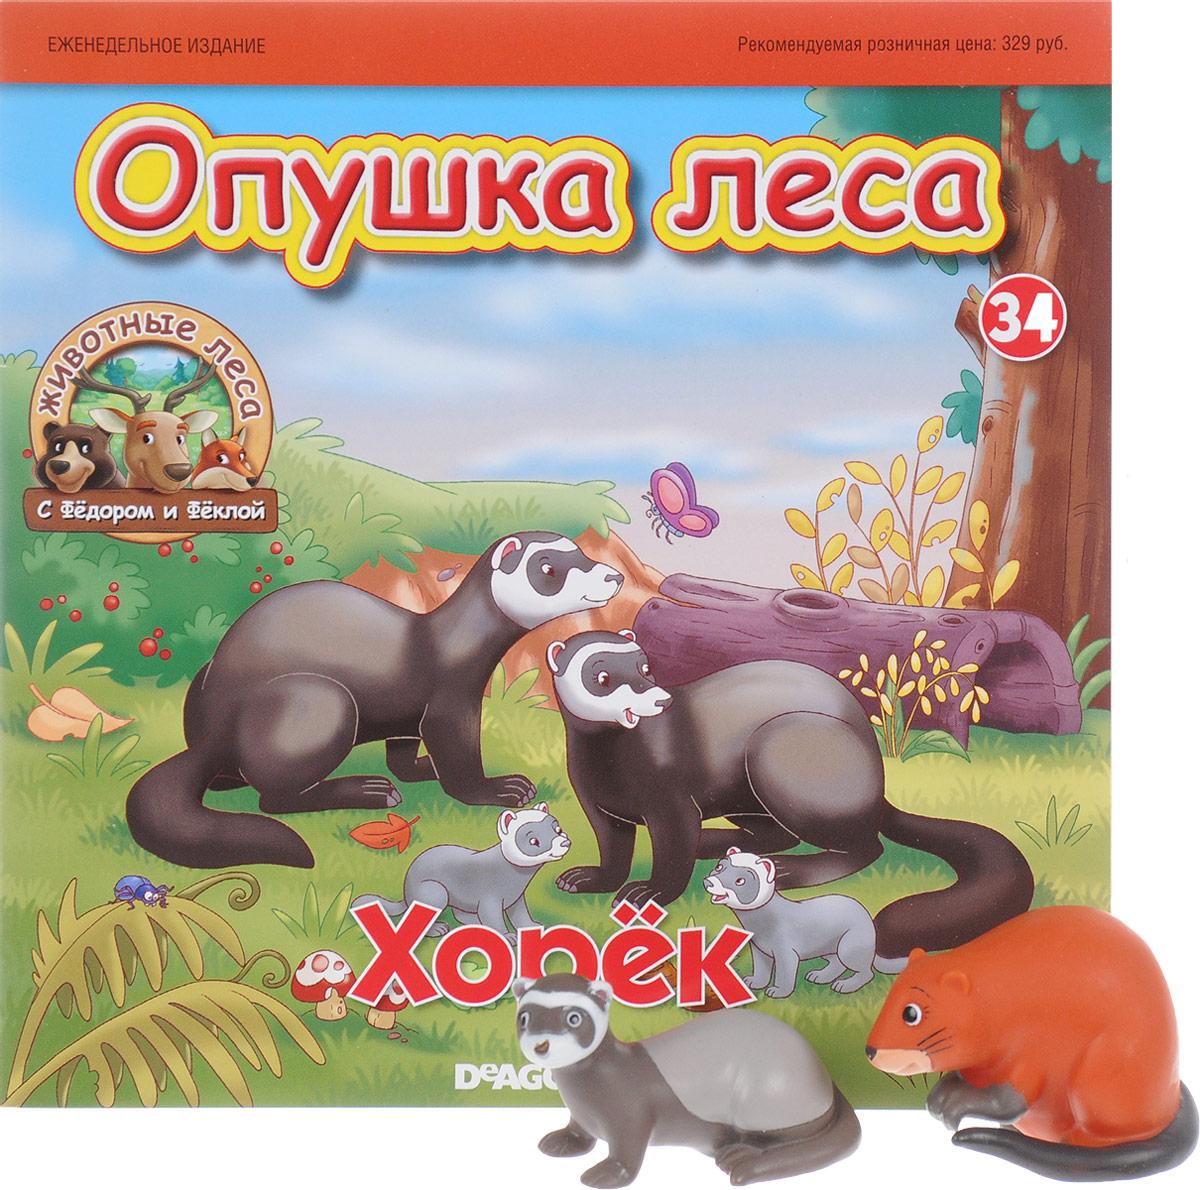 Журнал Животные леса №34